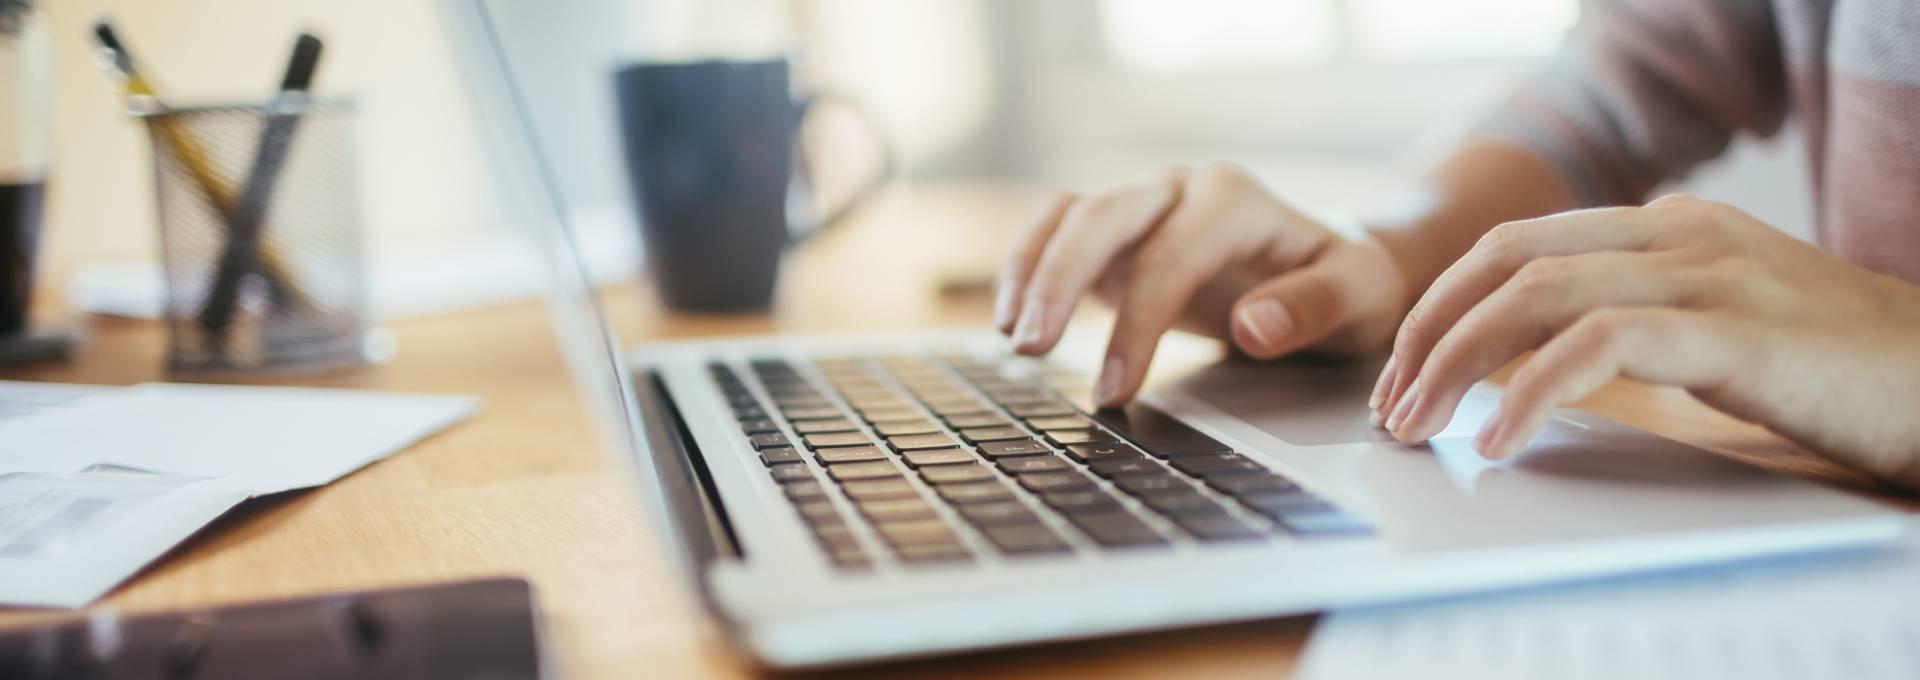 Für die Arbeit im Homeoffice braucht es grundsätzlich wenige Geräte. Dies unterscheidet sich je nach Arbeit, die verrichtet werden soll.